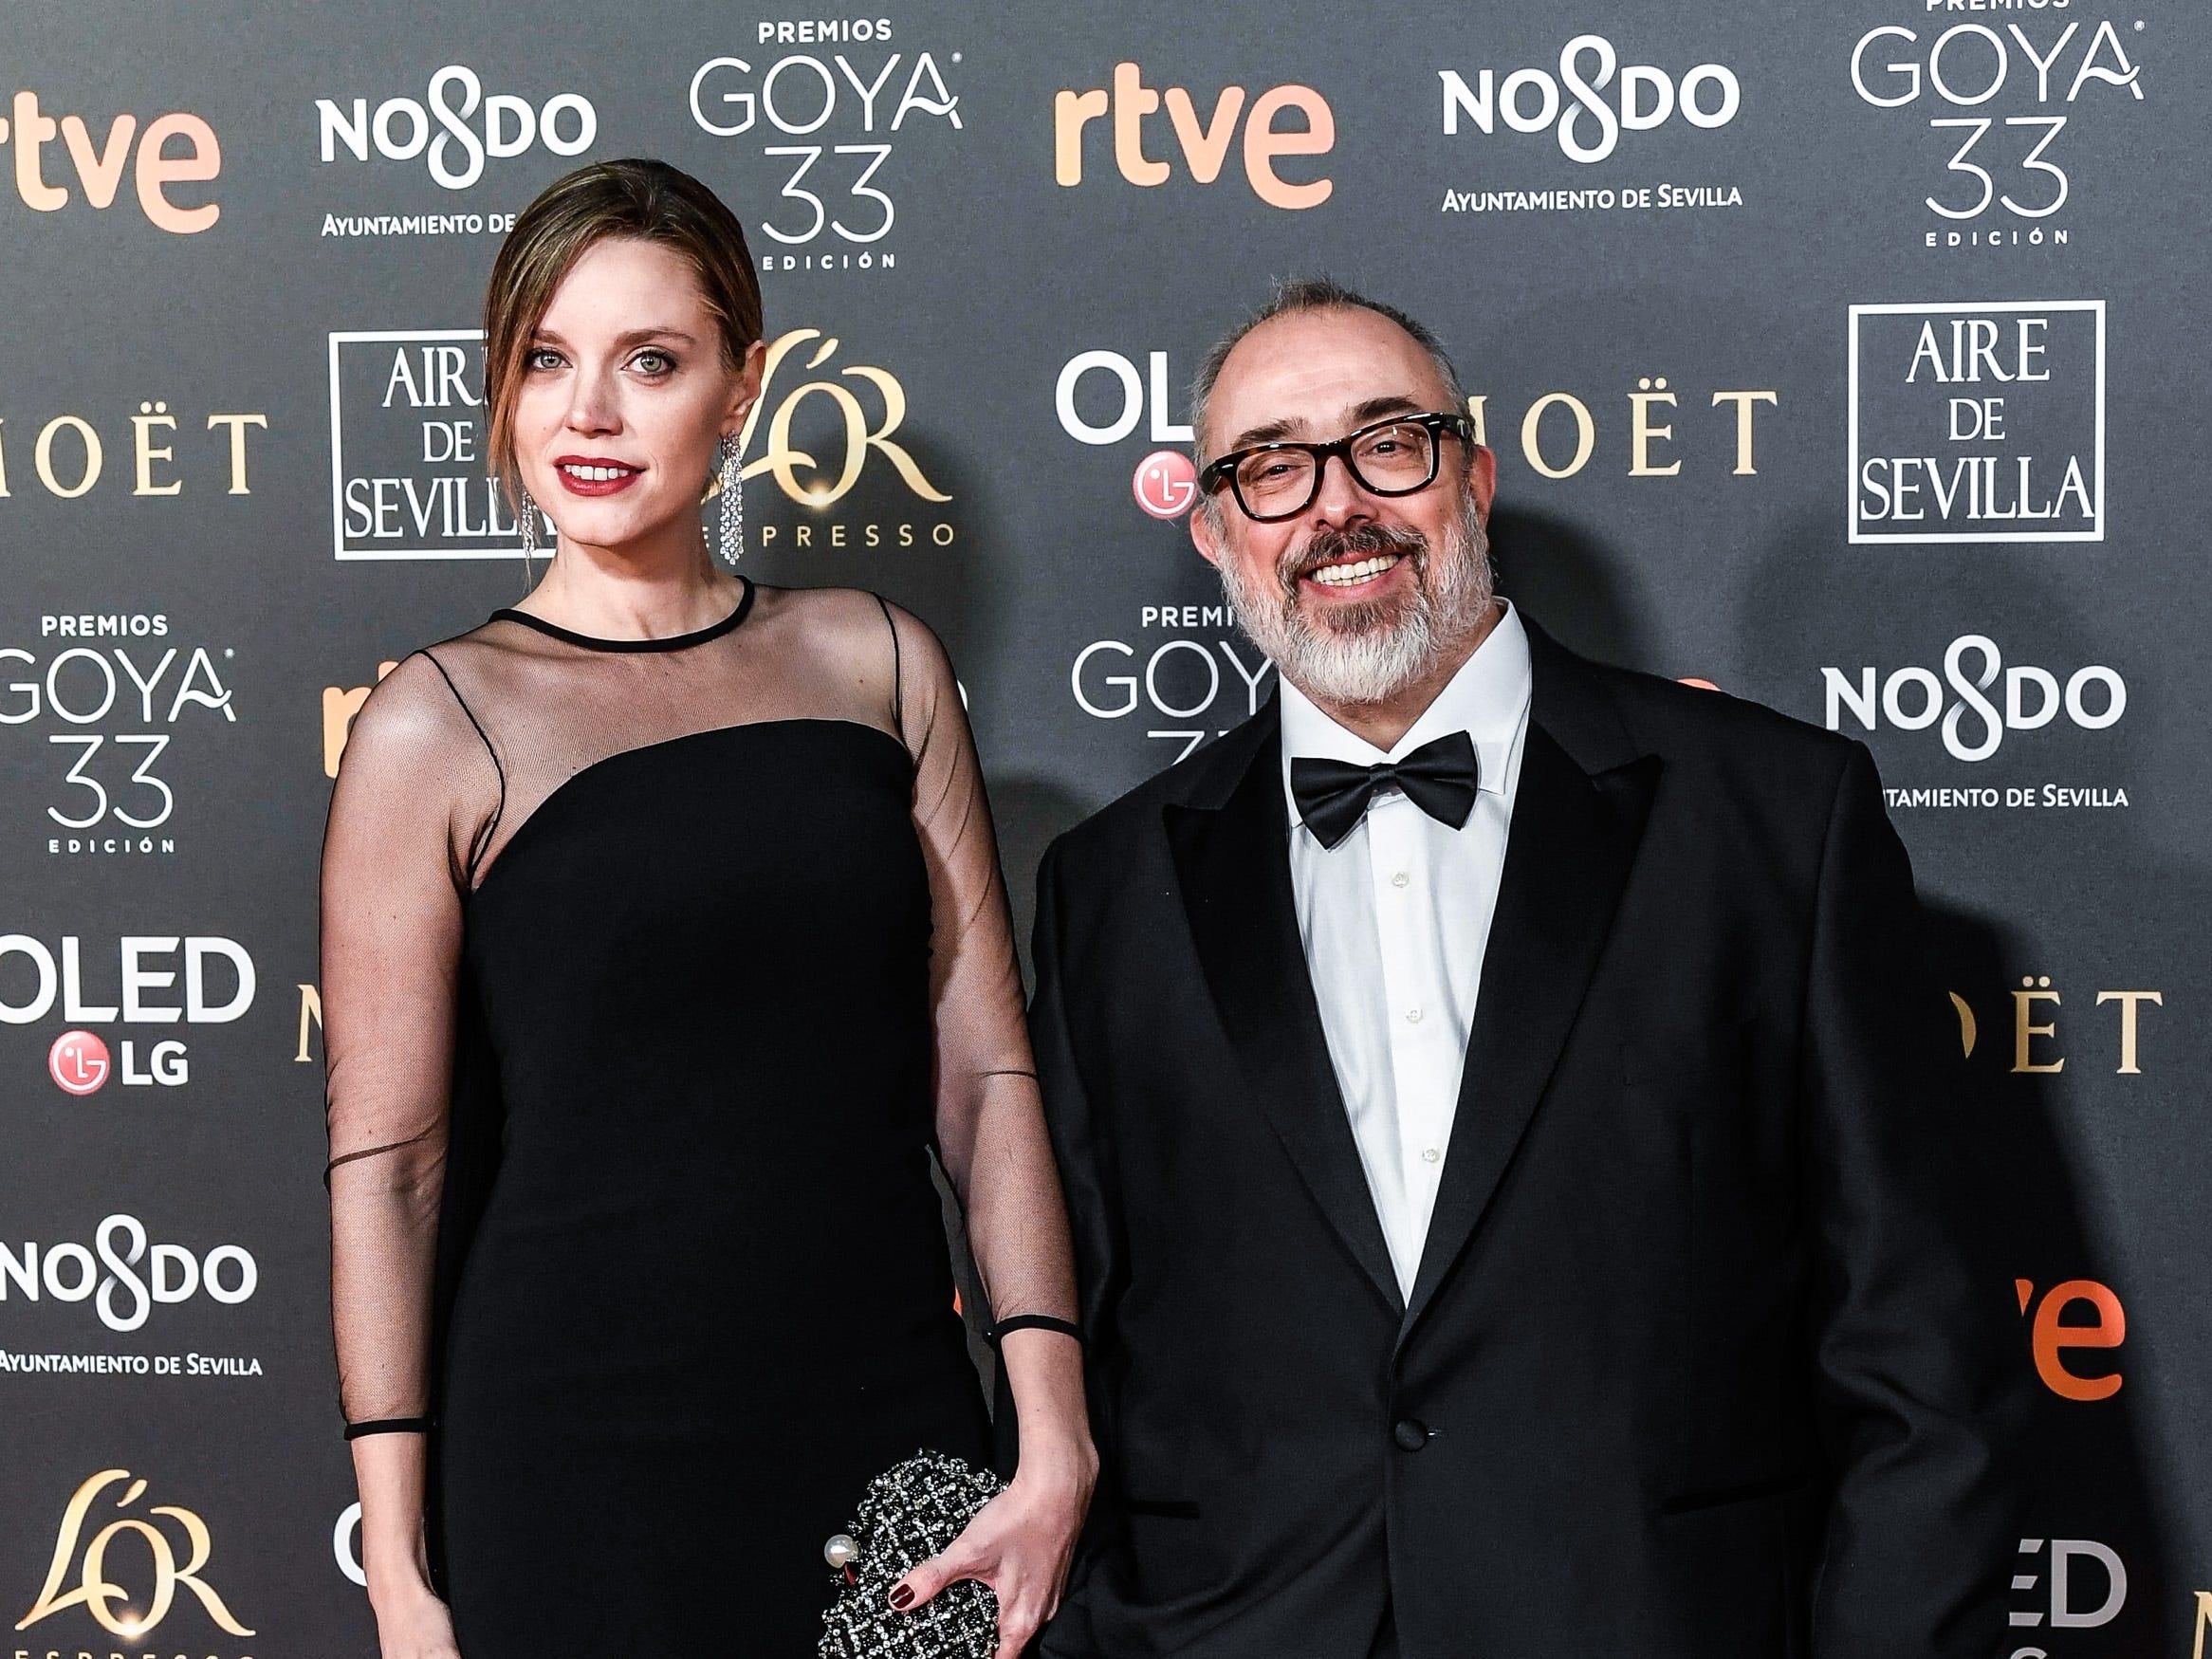 Alex de la Iglesia asiste a la 33ª edición de los Premios de Cine Goya en el Palacio de Congresos y Exposiciones FIBES el 2 de febrero de 2019 en Sevilla, España.